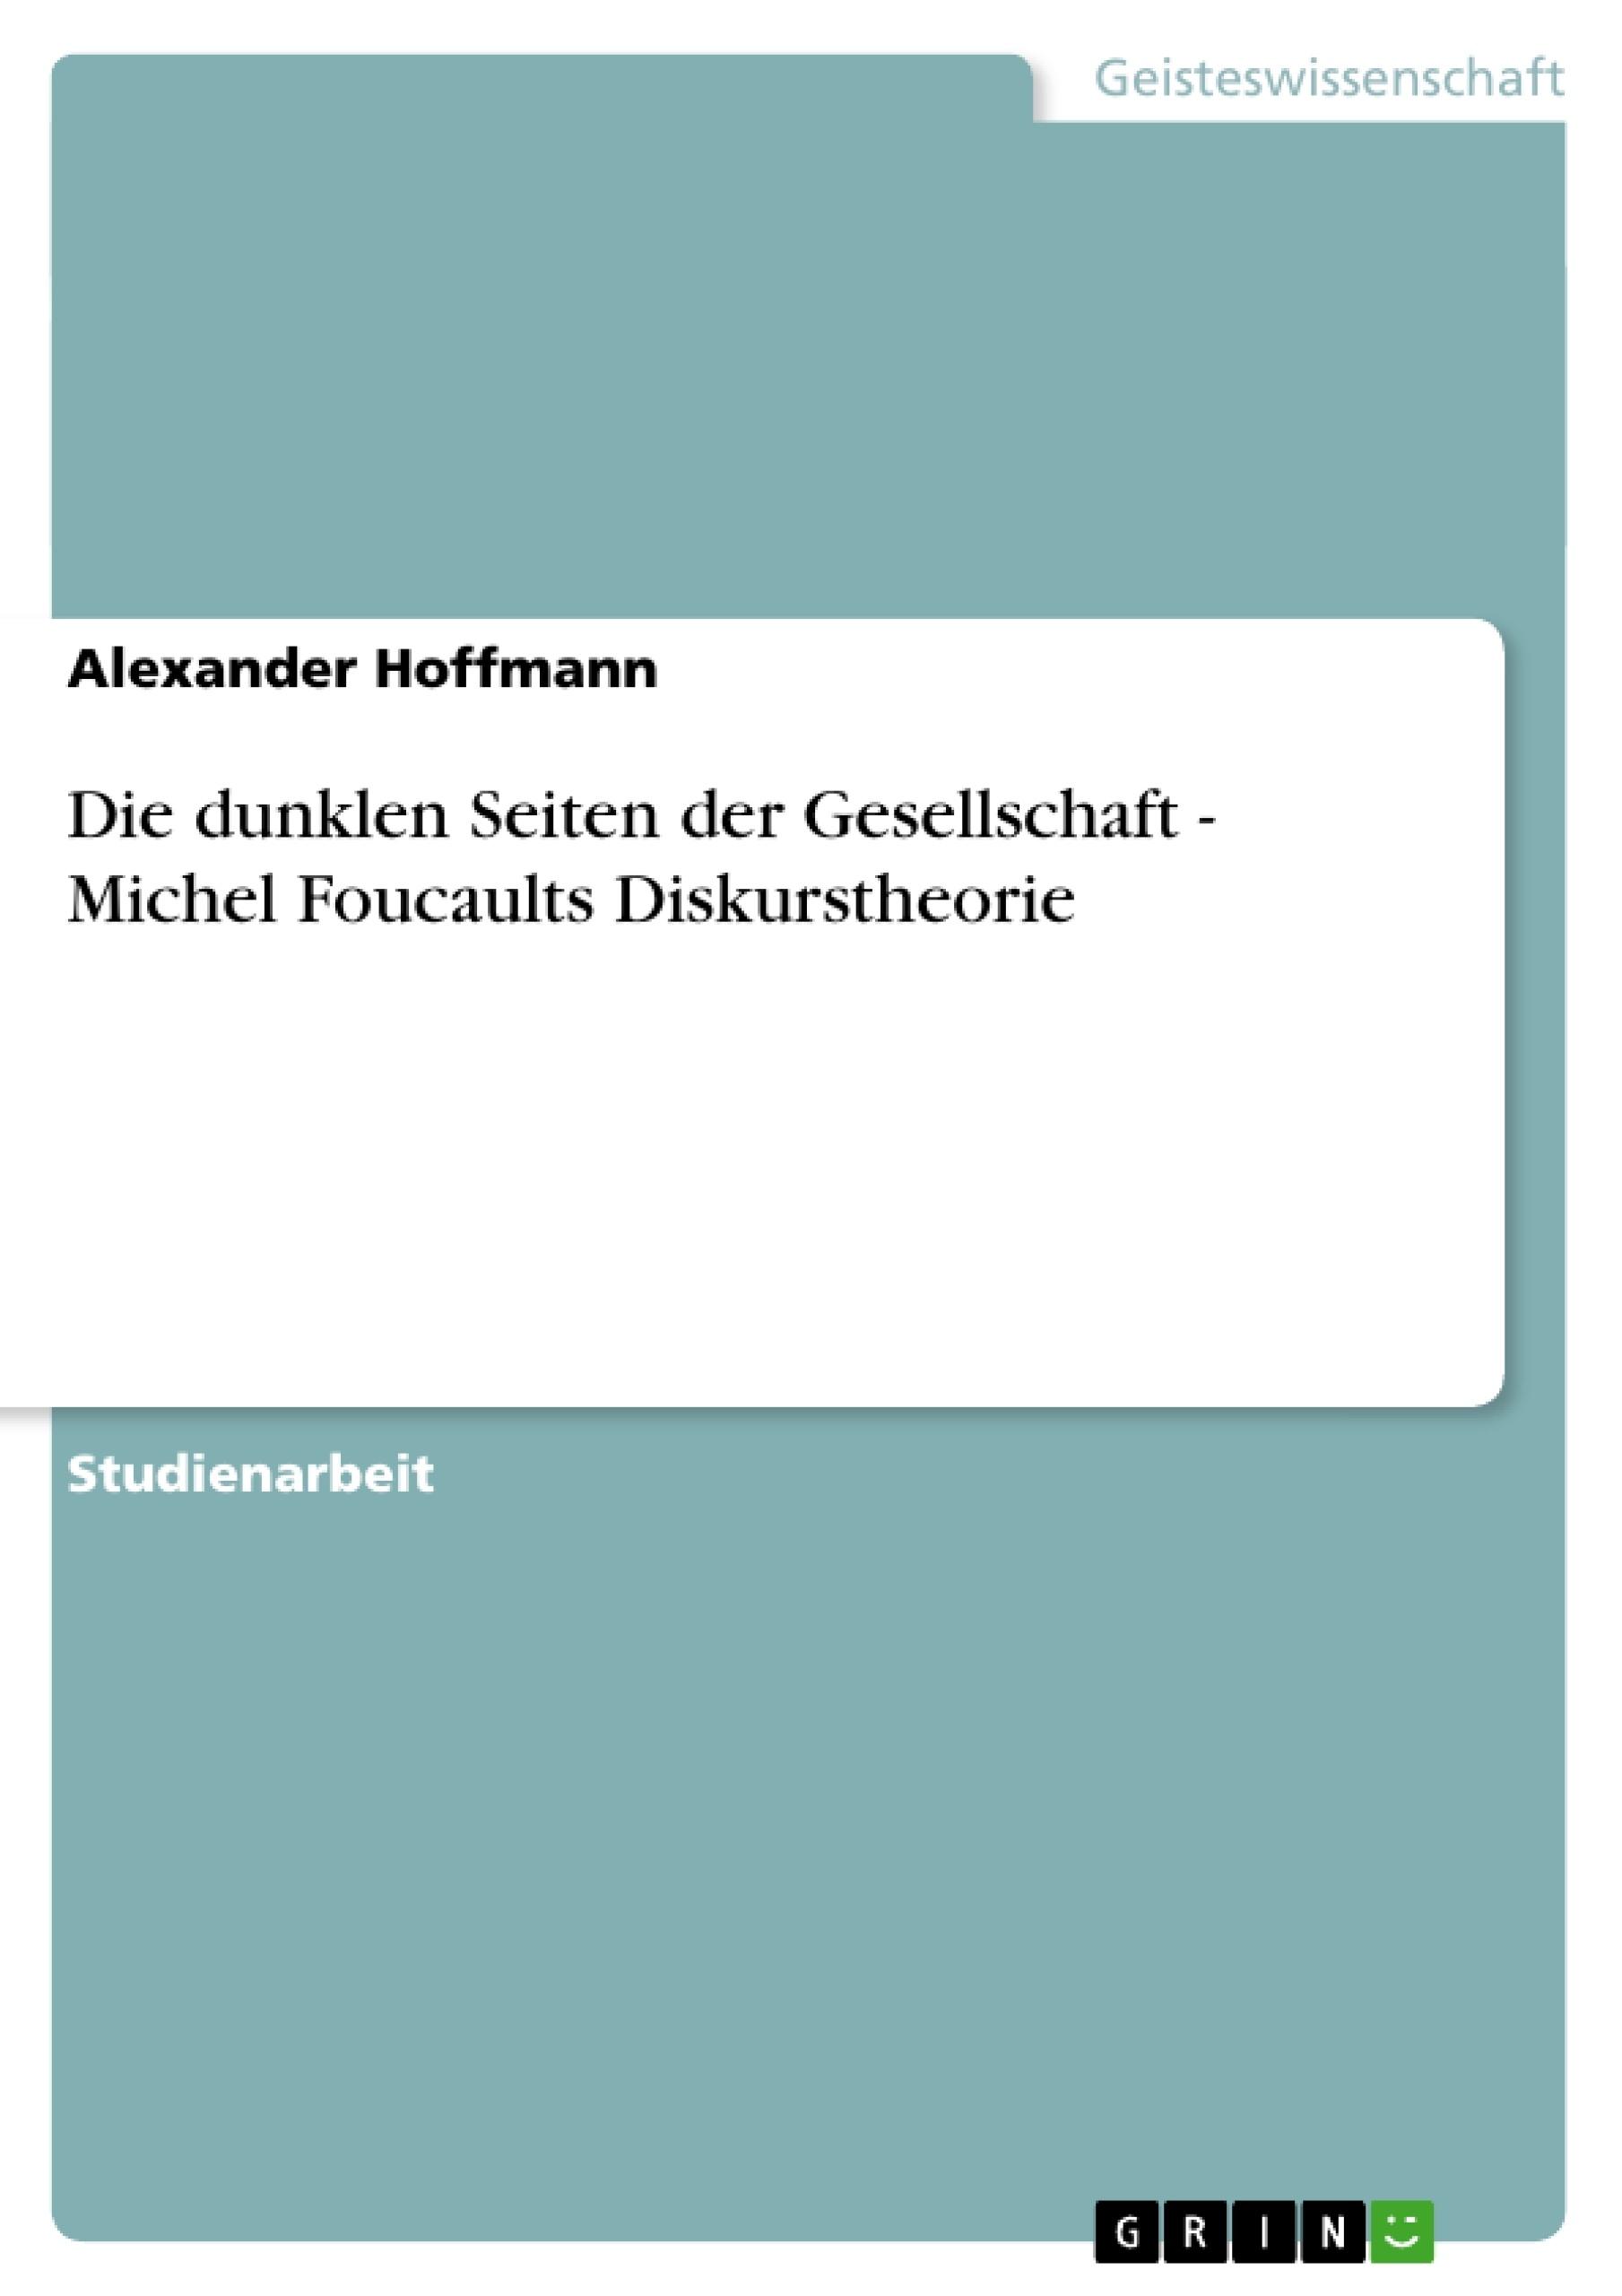 Titel: Die dunklen Seiten der Gesellschaft  - Michel Foucaults Diskurstheorie